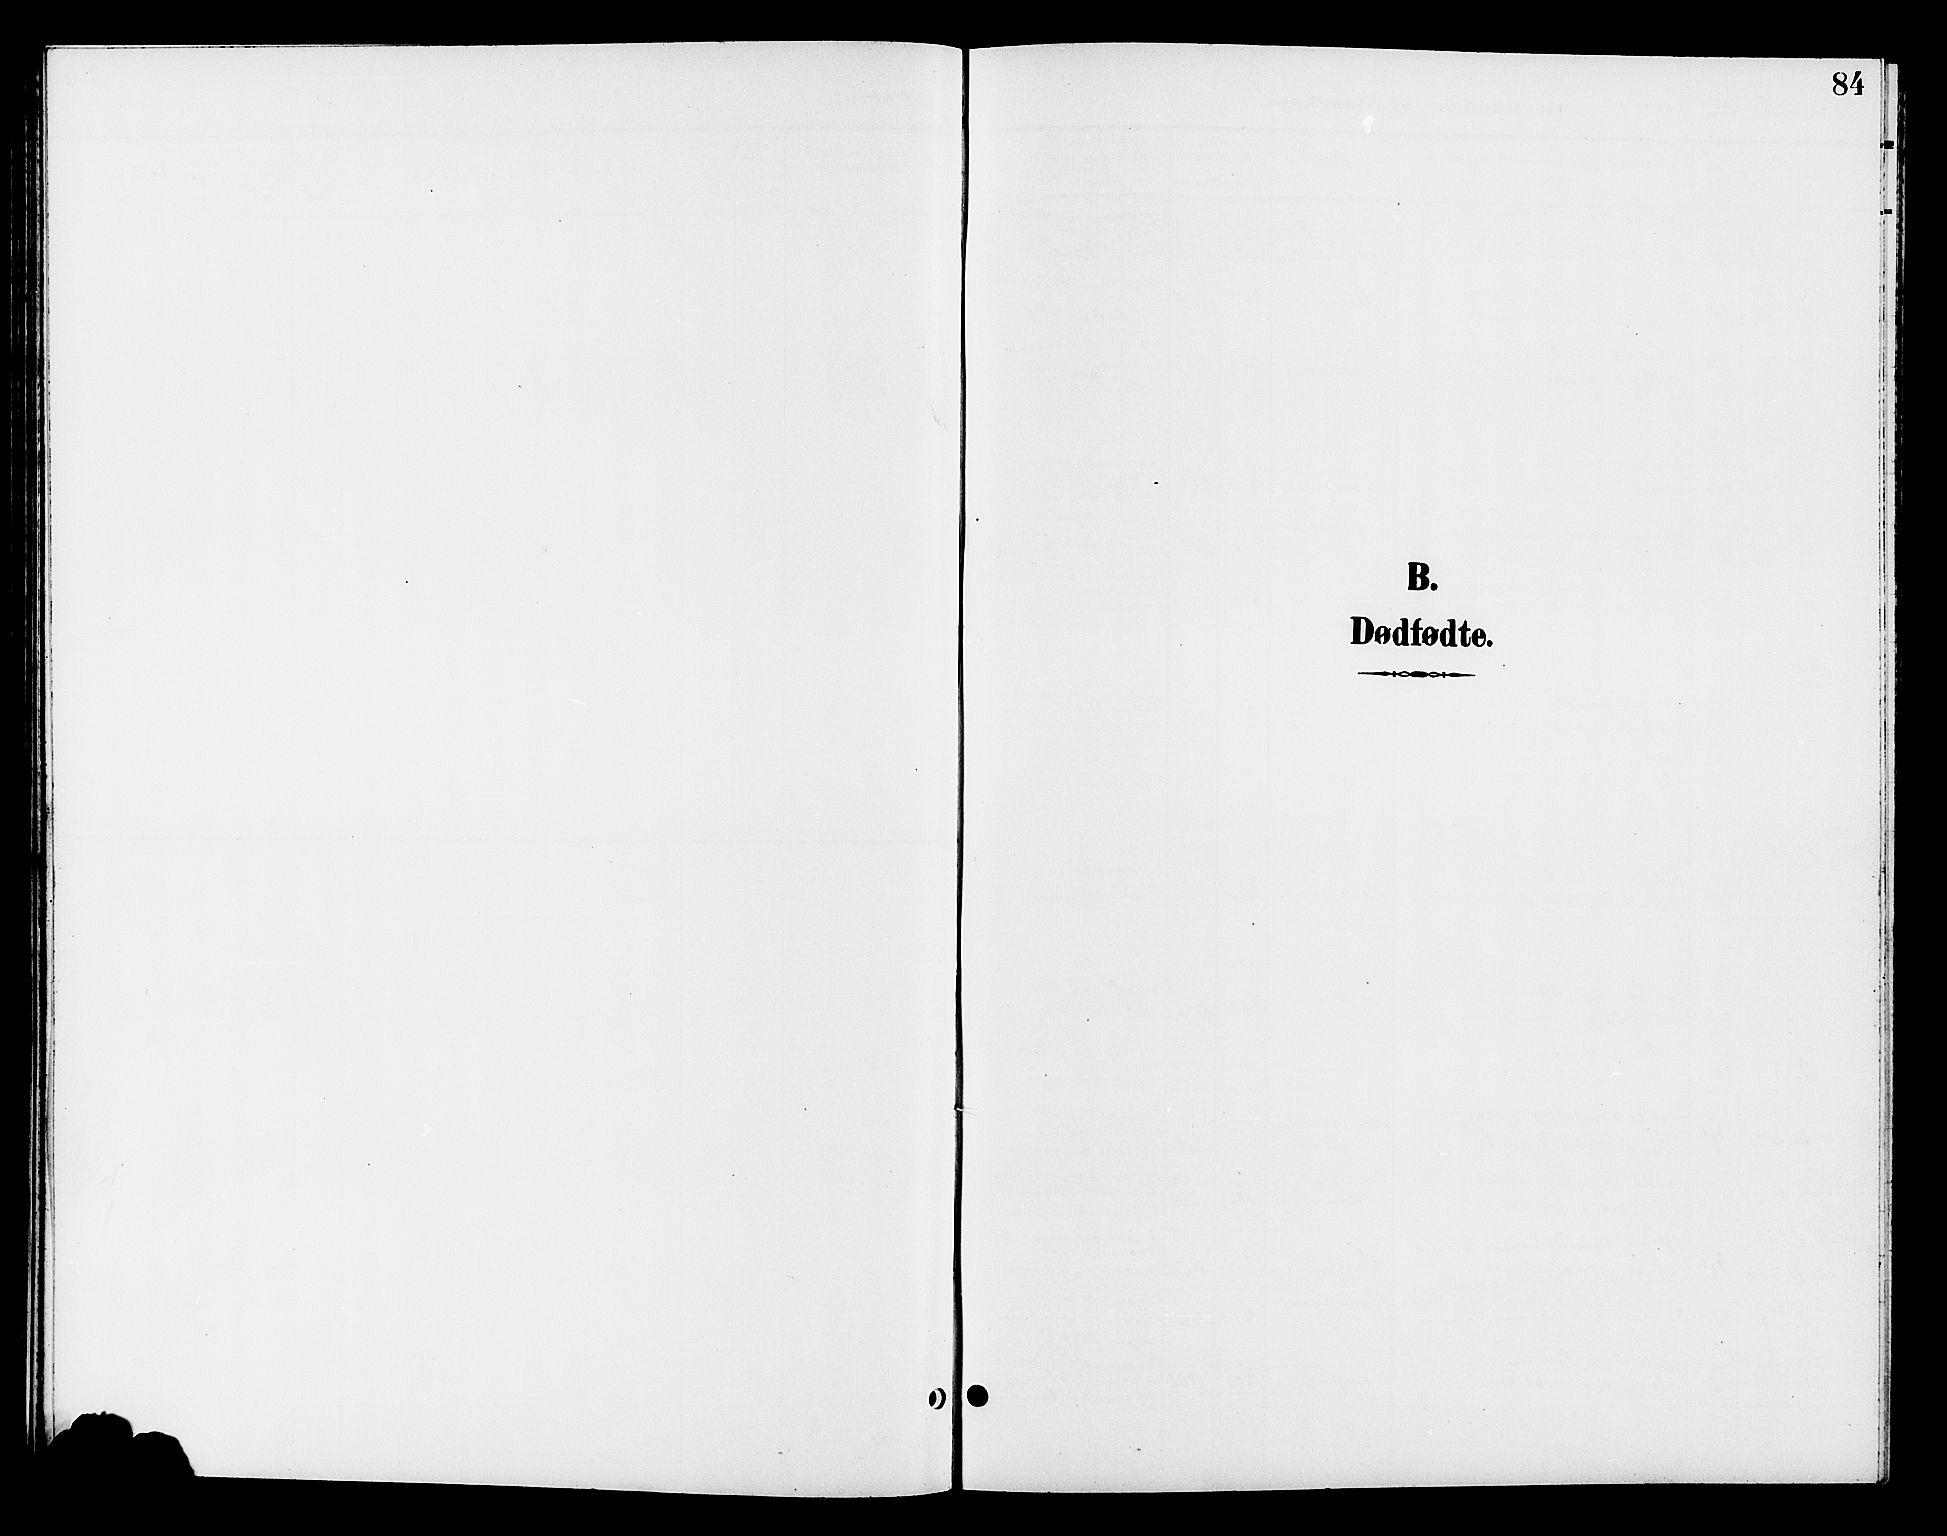 SAH, Jevnaker prestekontor, Klokkerbok nr. 3, 1896-1909, s. 84